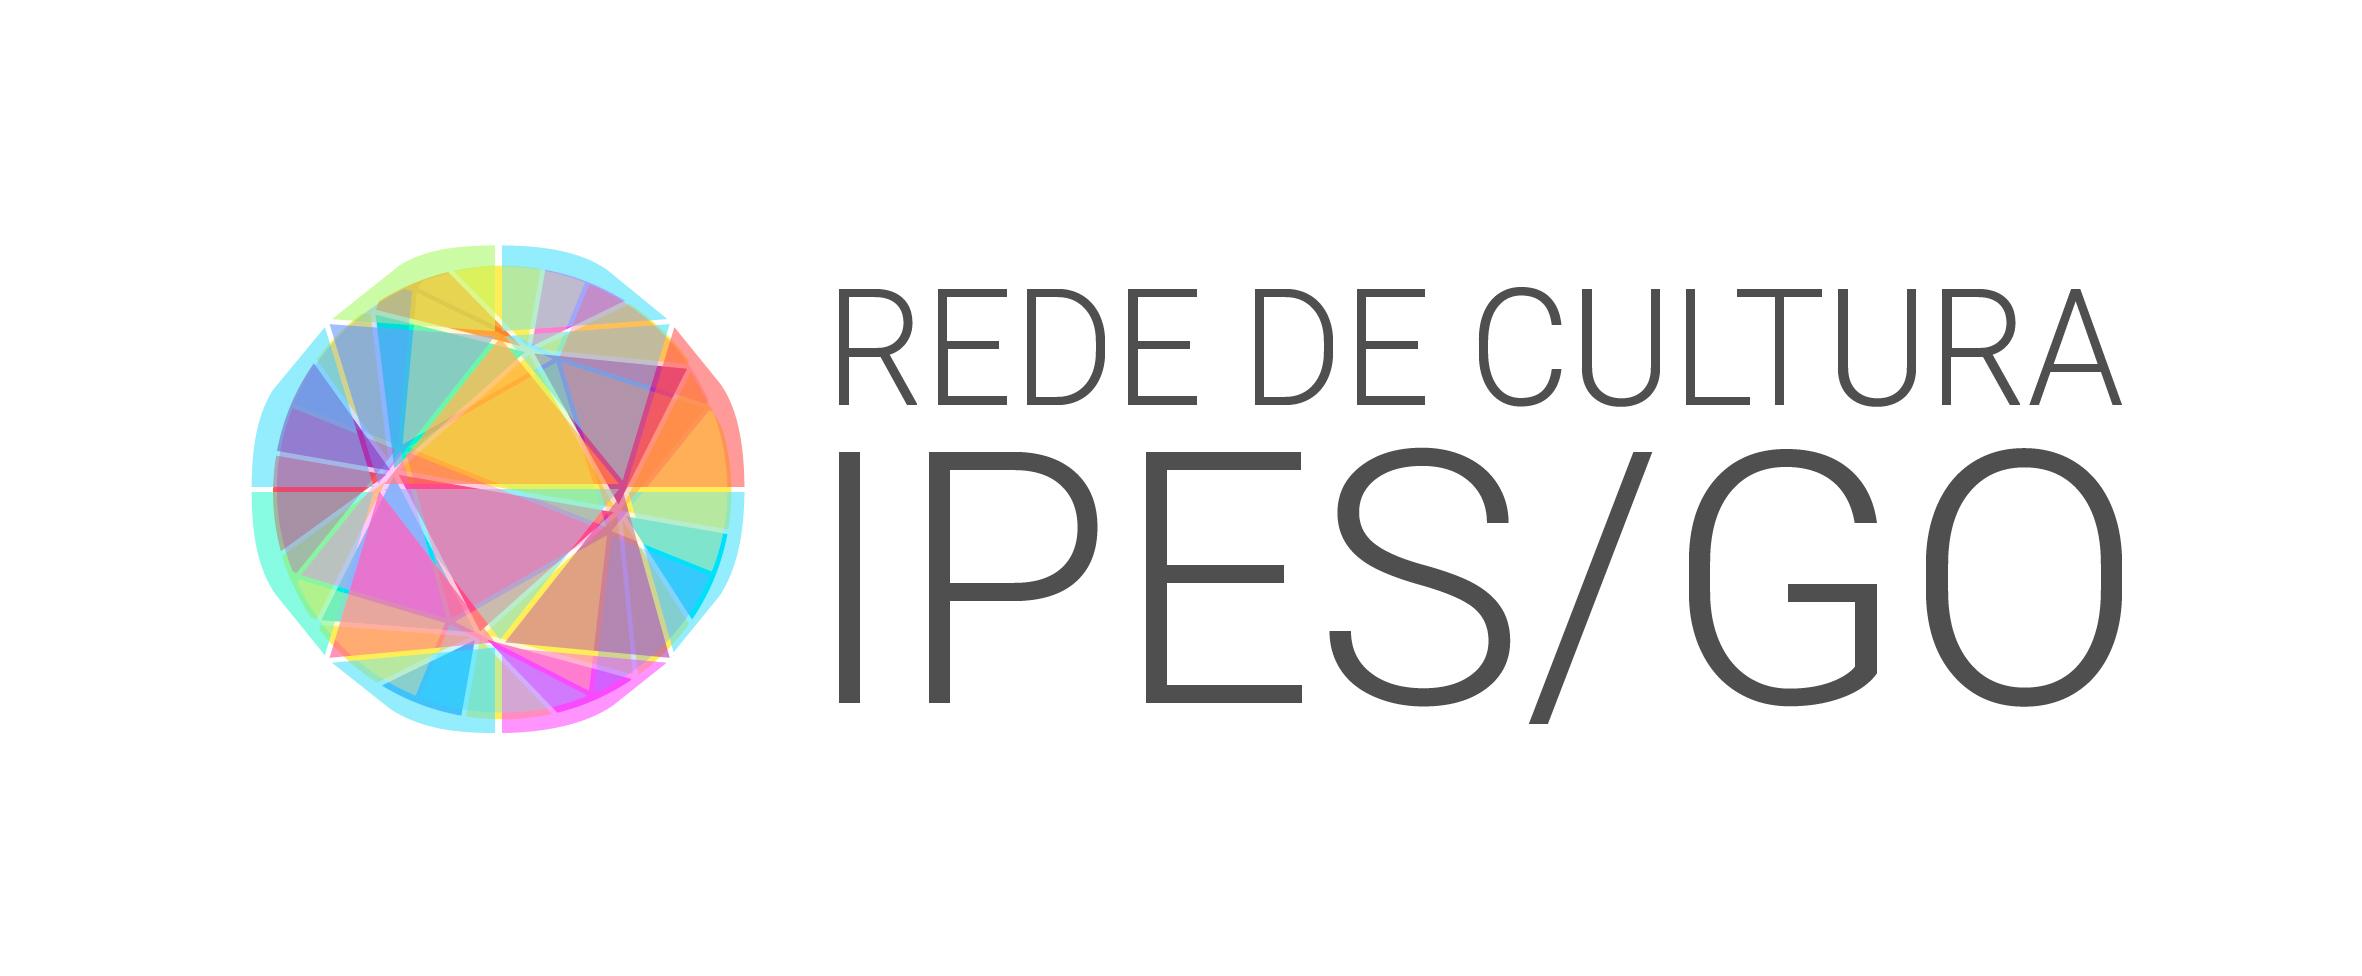 Rede de cultura IPES-GO